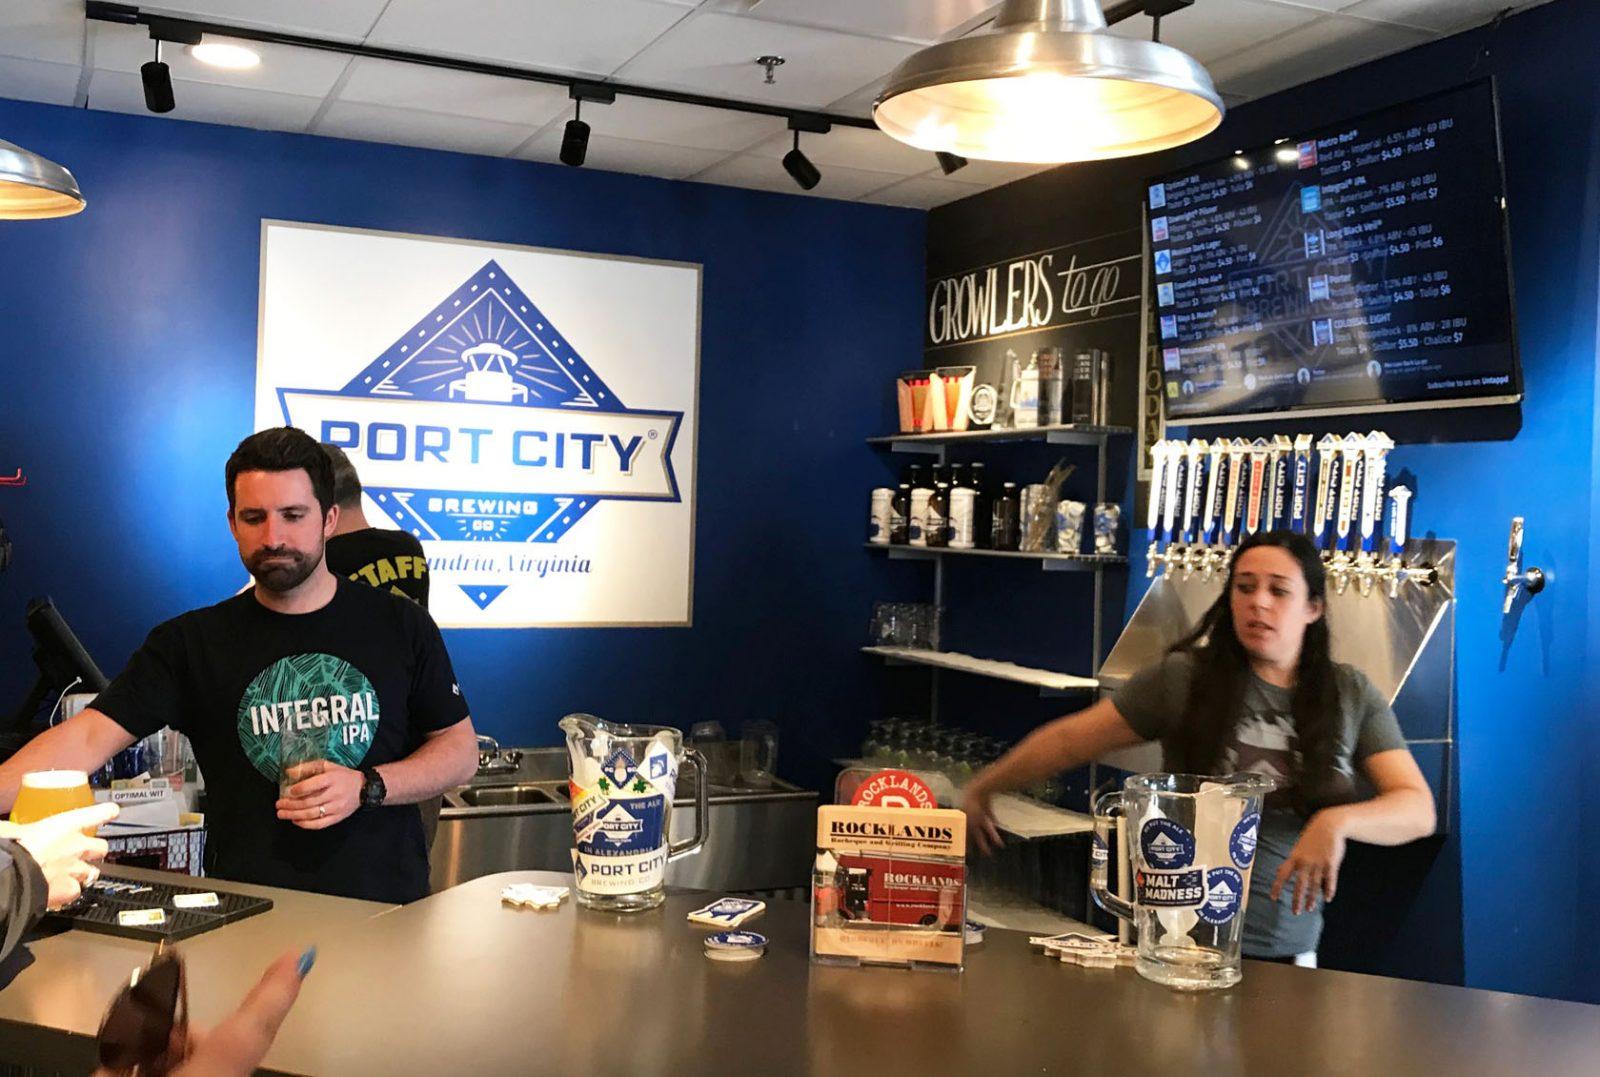 414. Port City Brewing, Alexandria VA, 2019